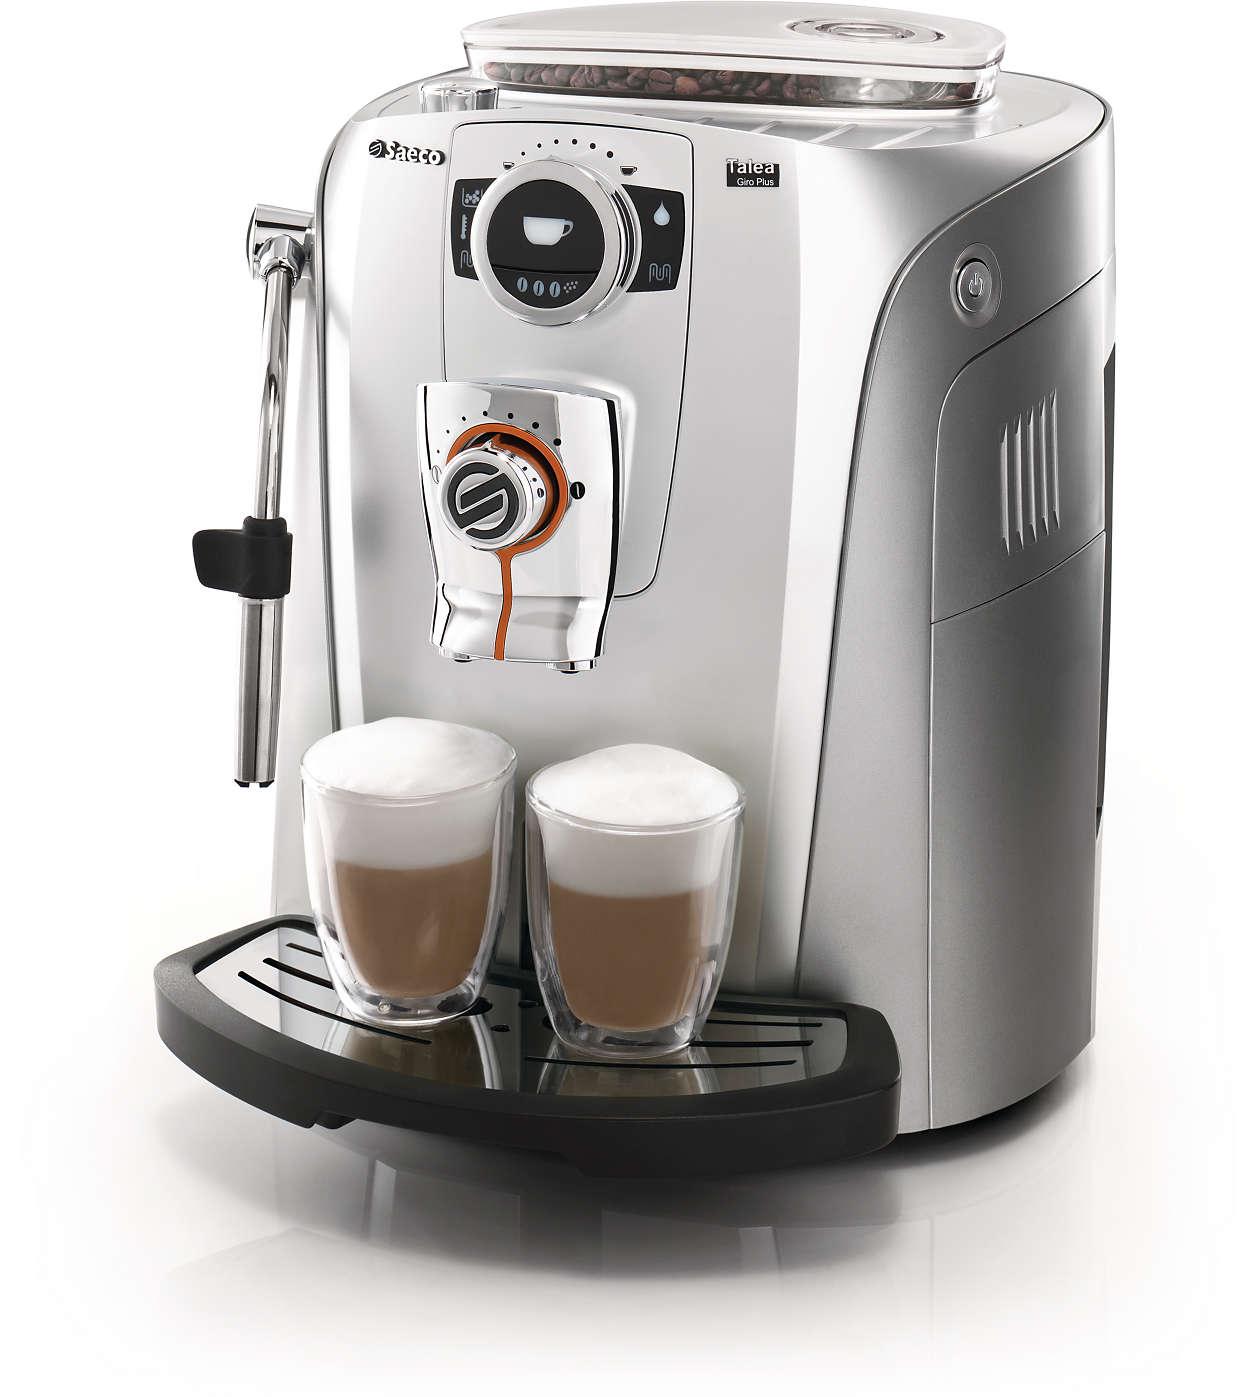 Stilfuld cafè-nydelse venter på dig